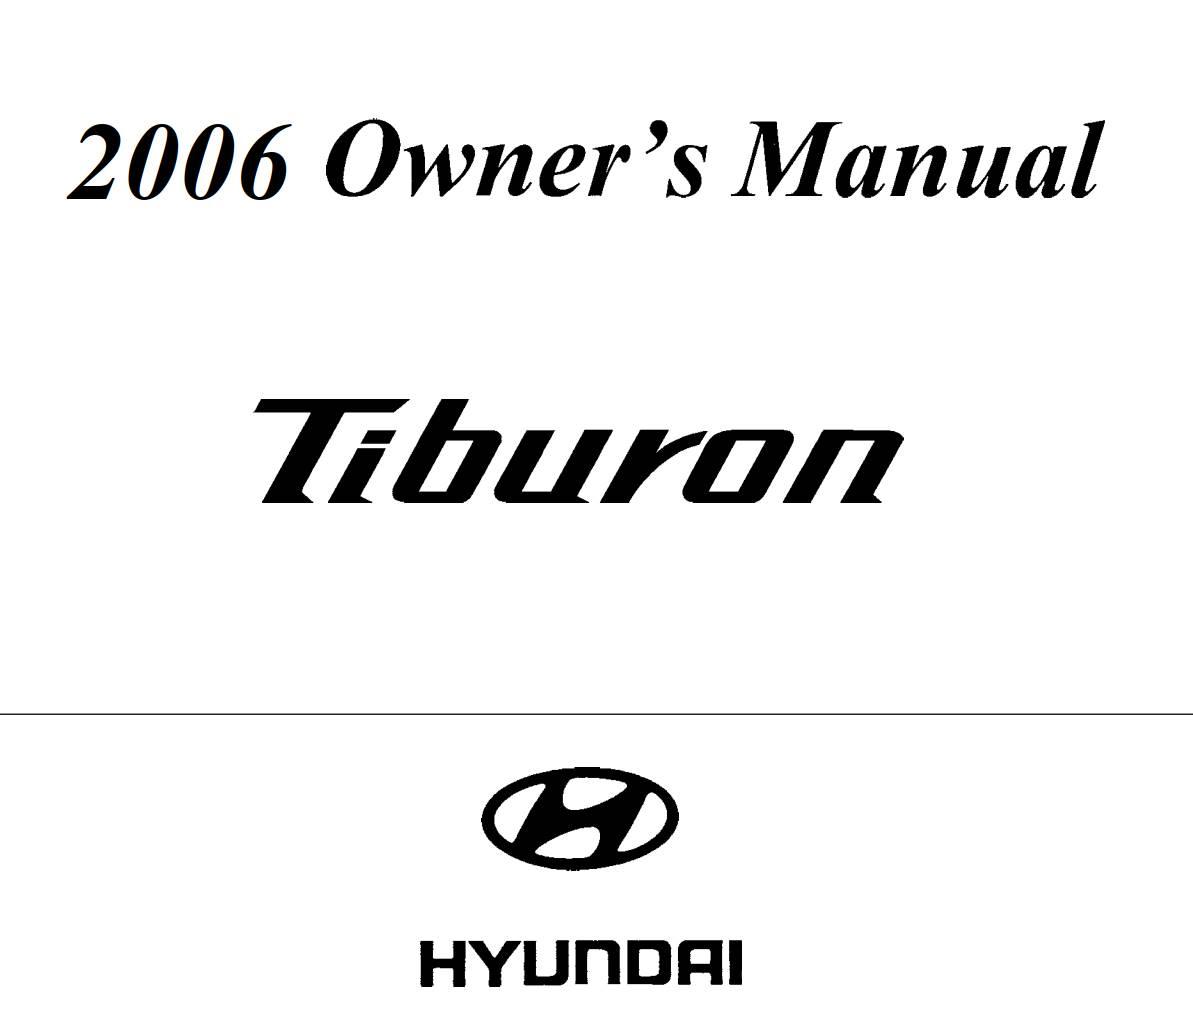 Hyundai Tiburon 2006 Owner's Manual